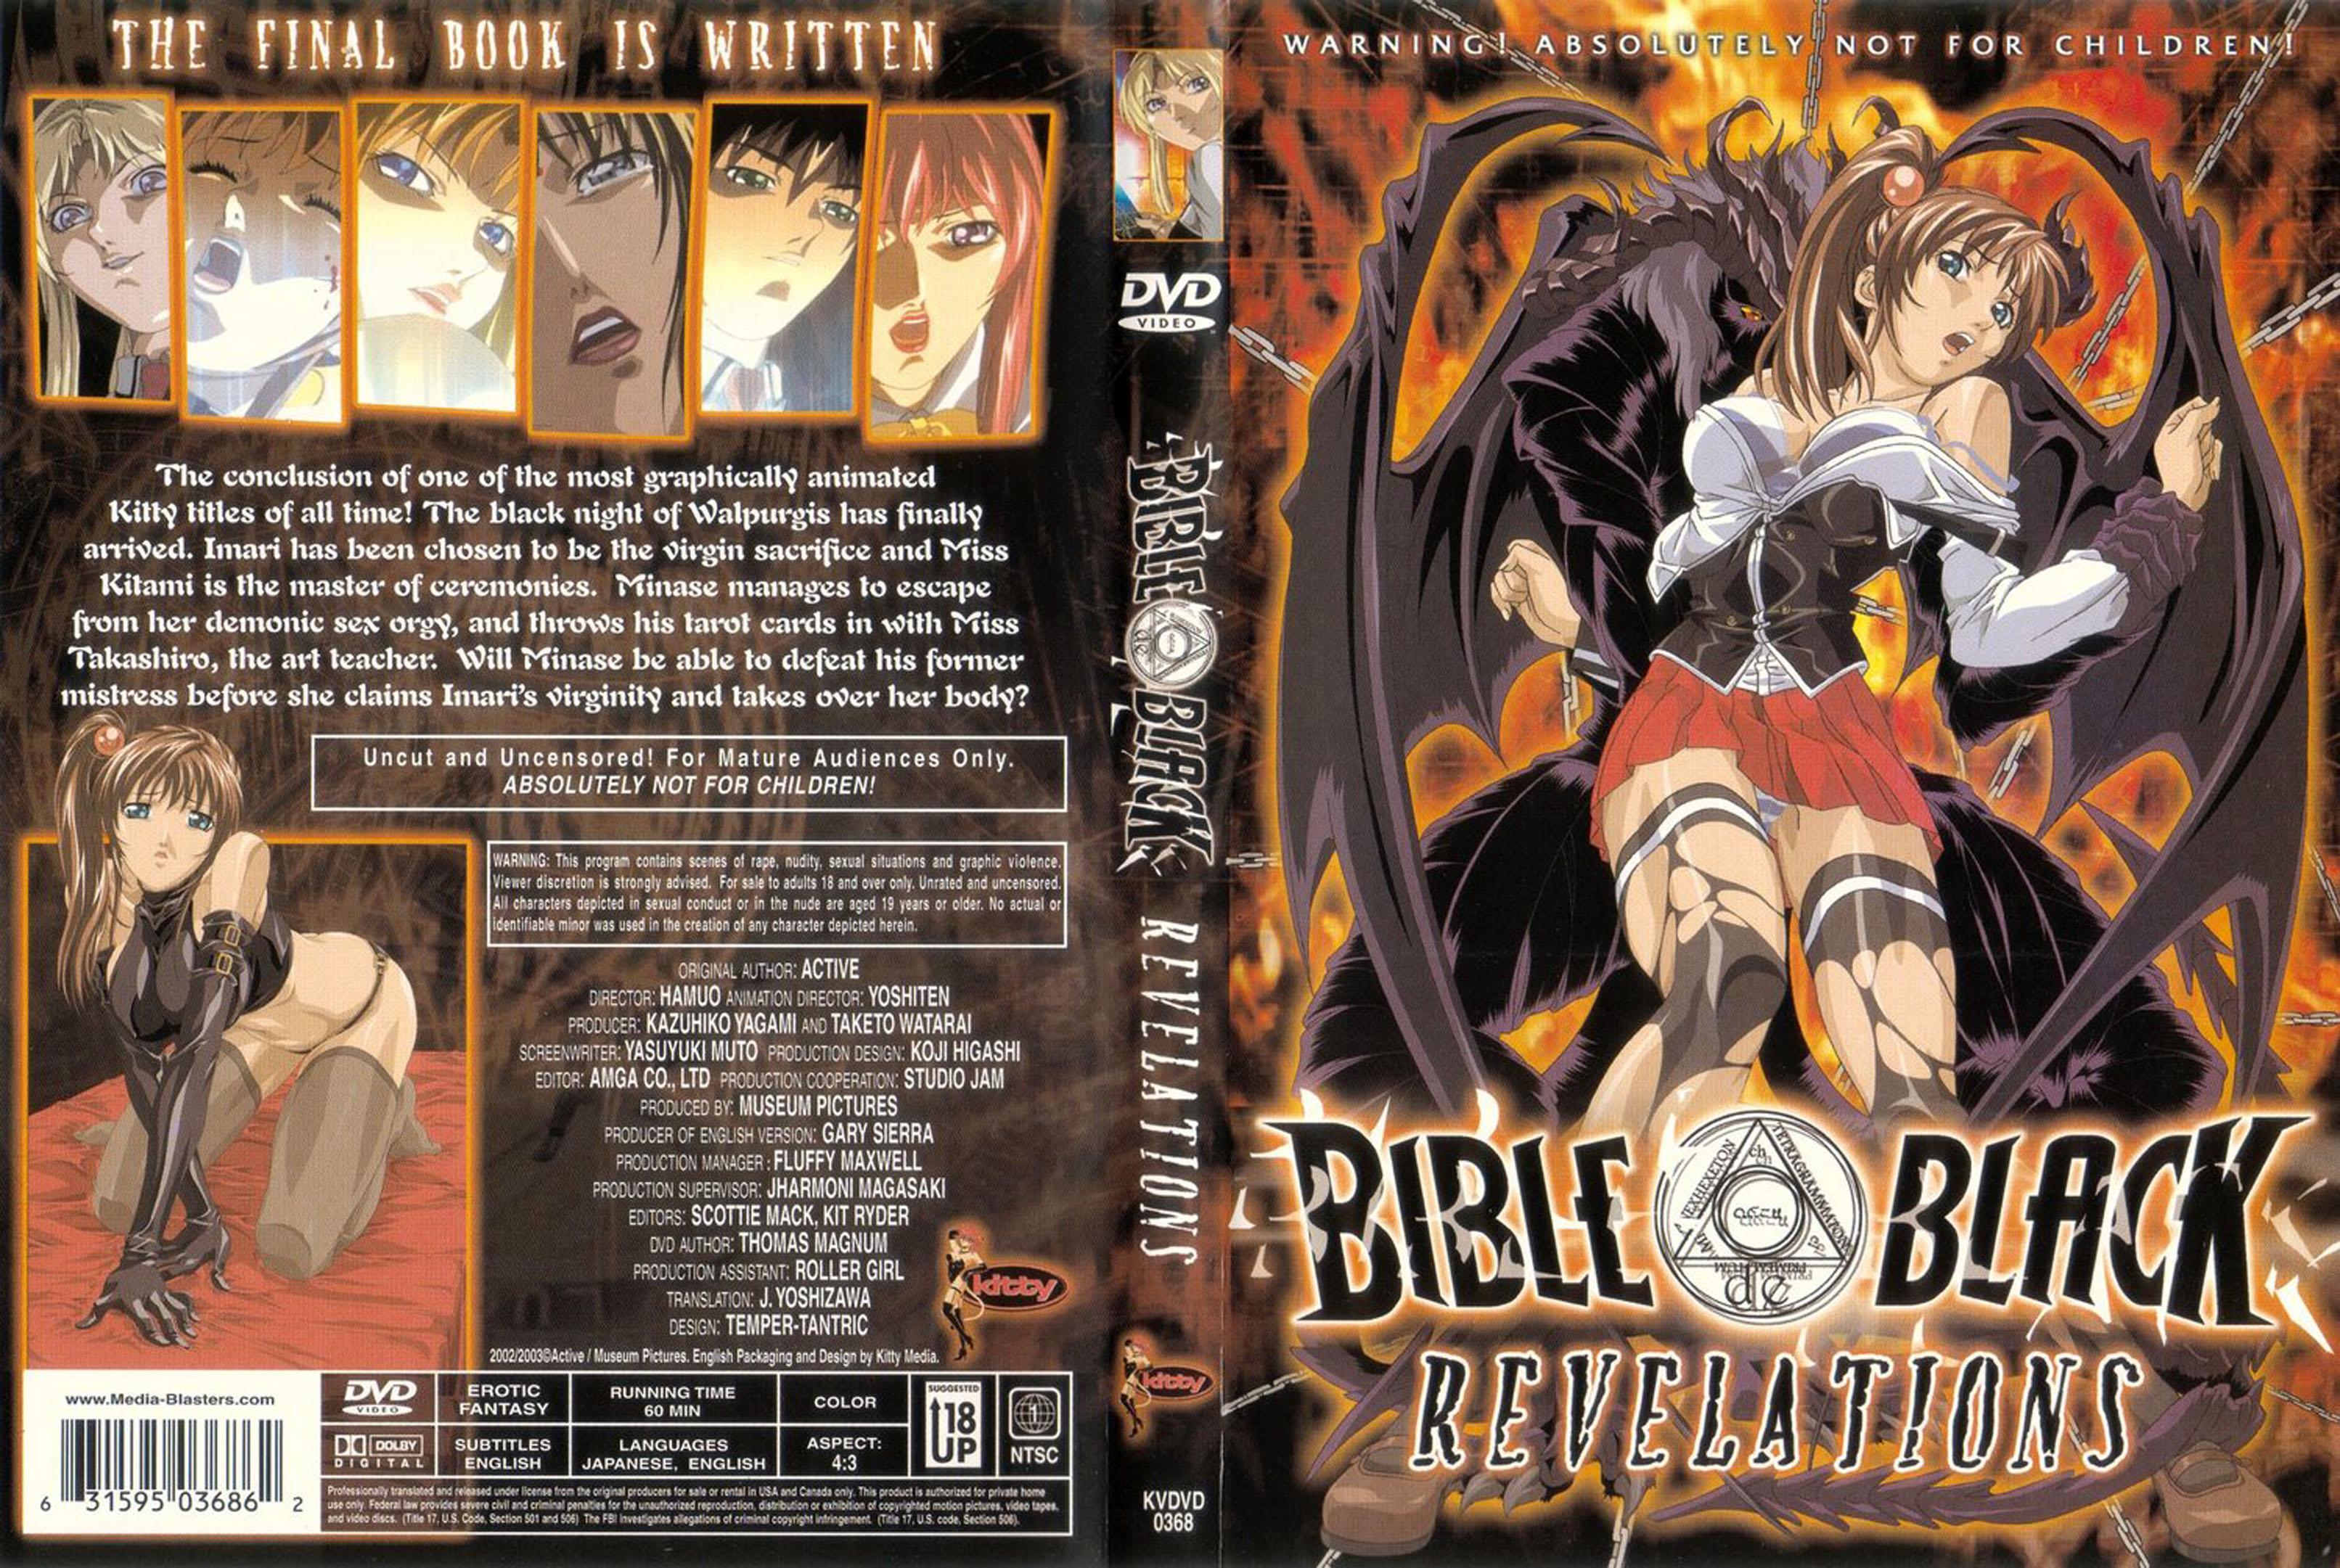 Смотреть черная библия 18 фотография